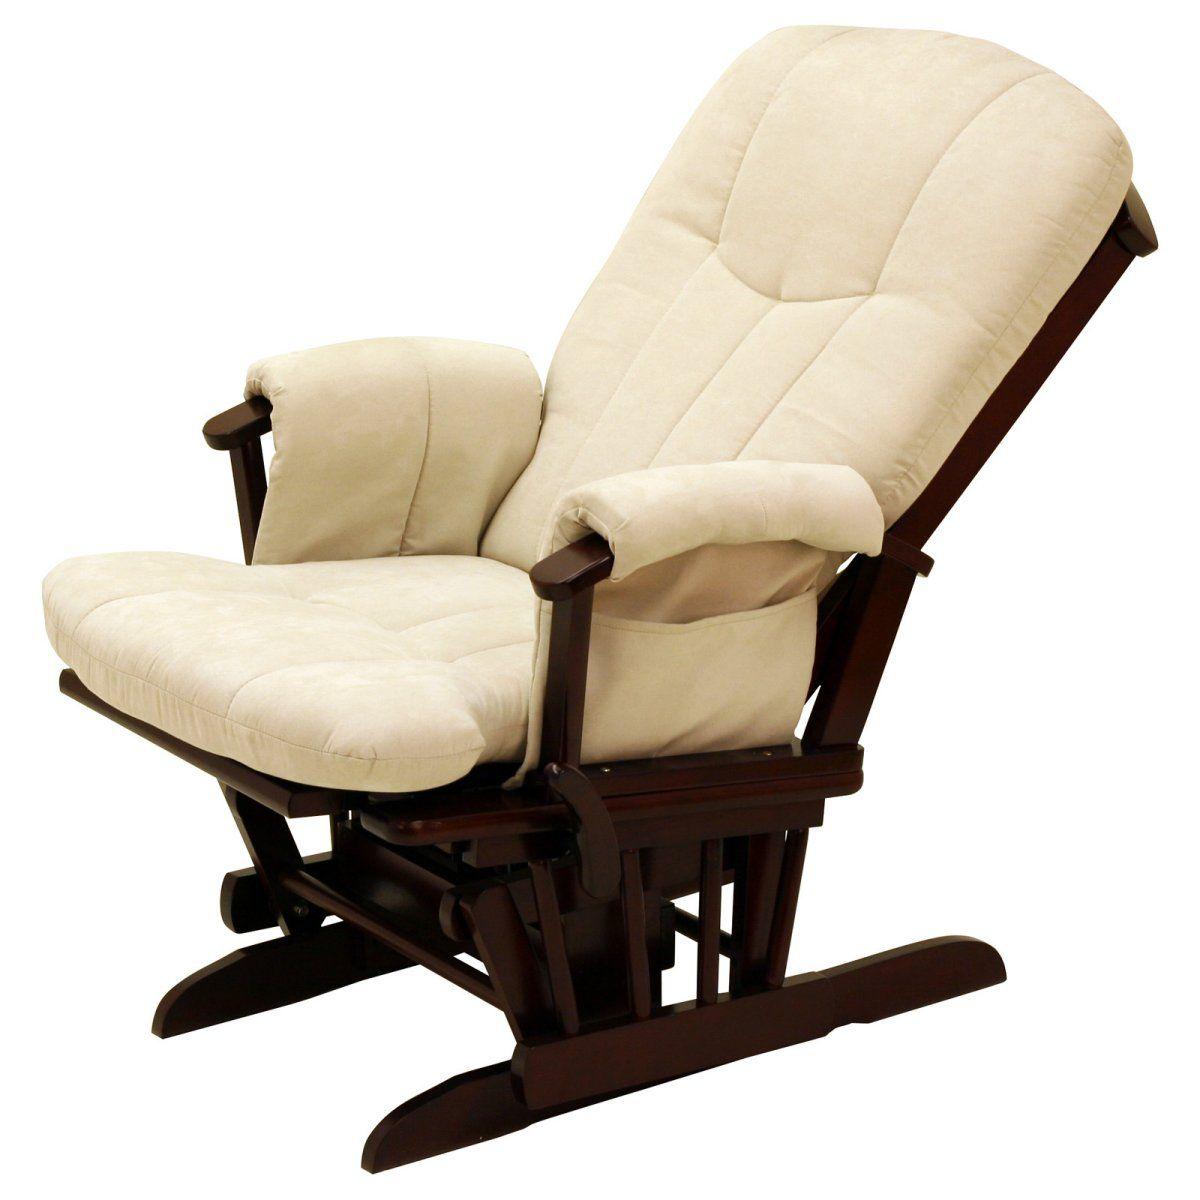 Storkcraft Deluxe Reclining Glider Rocker   Cherry/Beige   Indoor Rocking  Chairs At Rocking Chairs